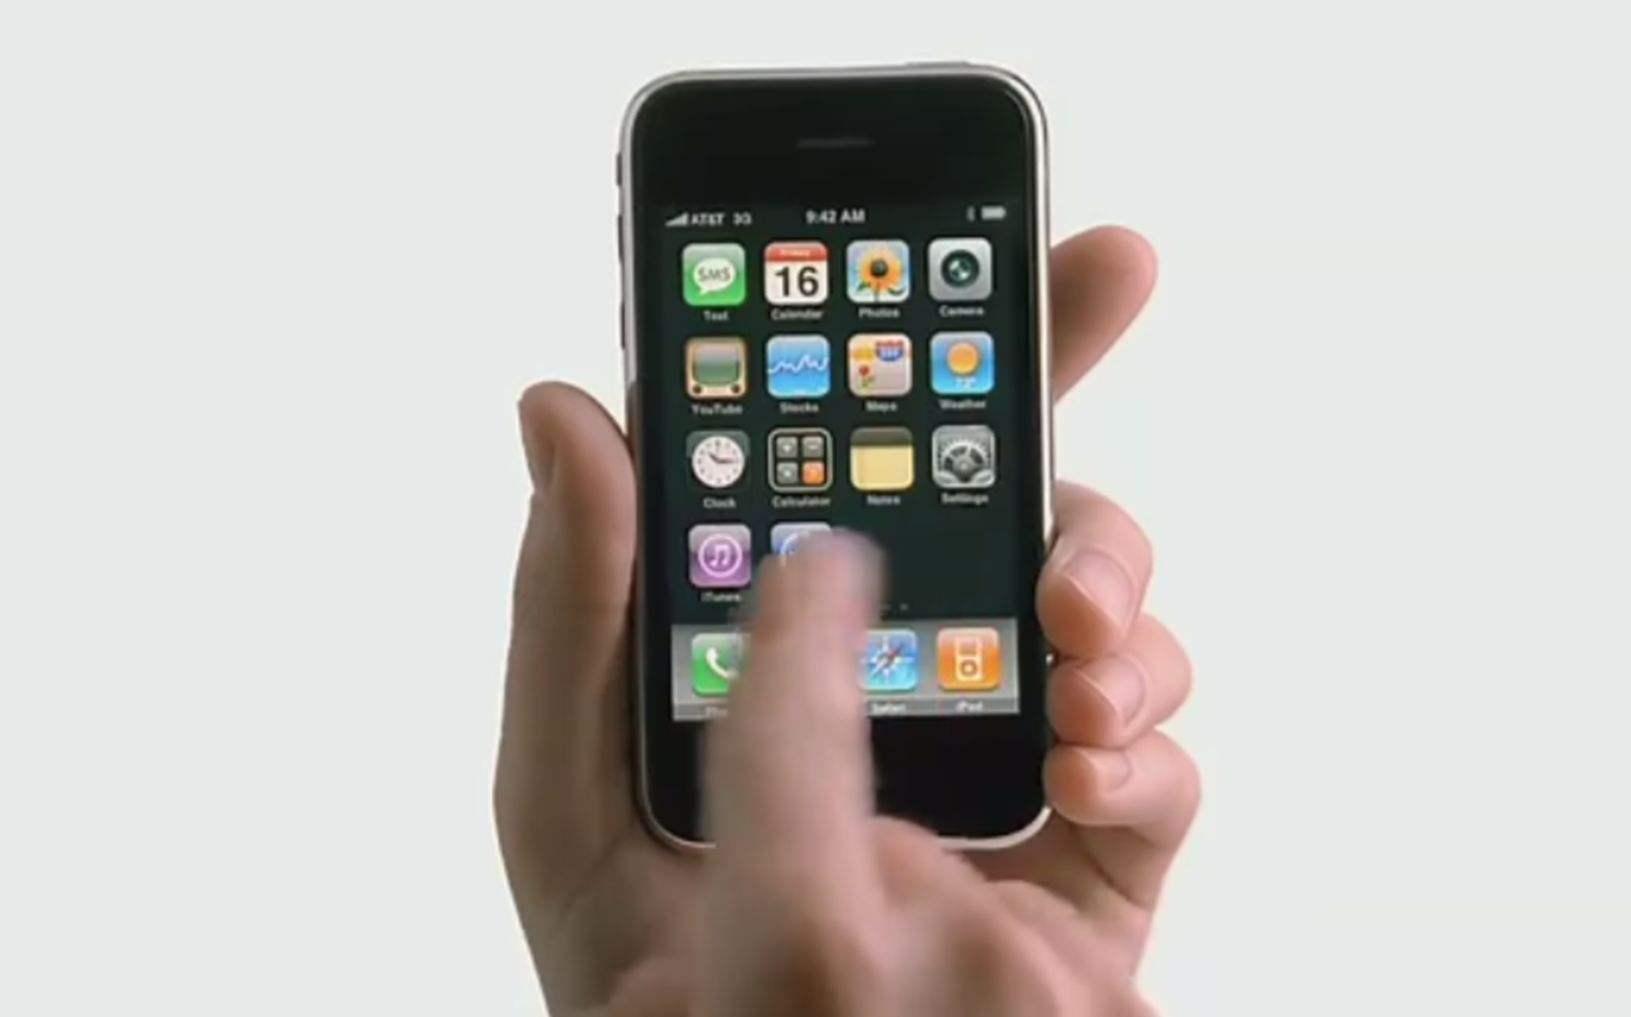 你认同吗?iPhone给我们一种欲罢不能的压力感